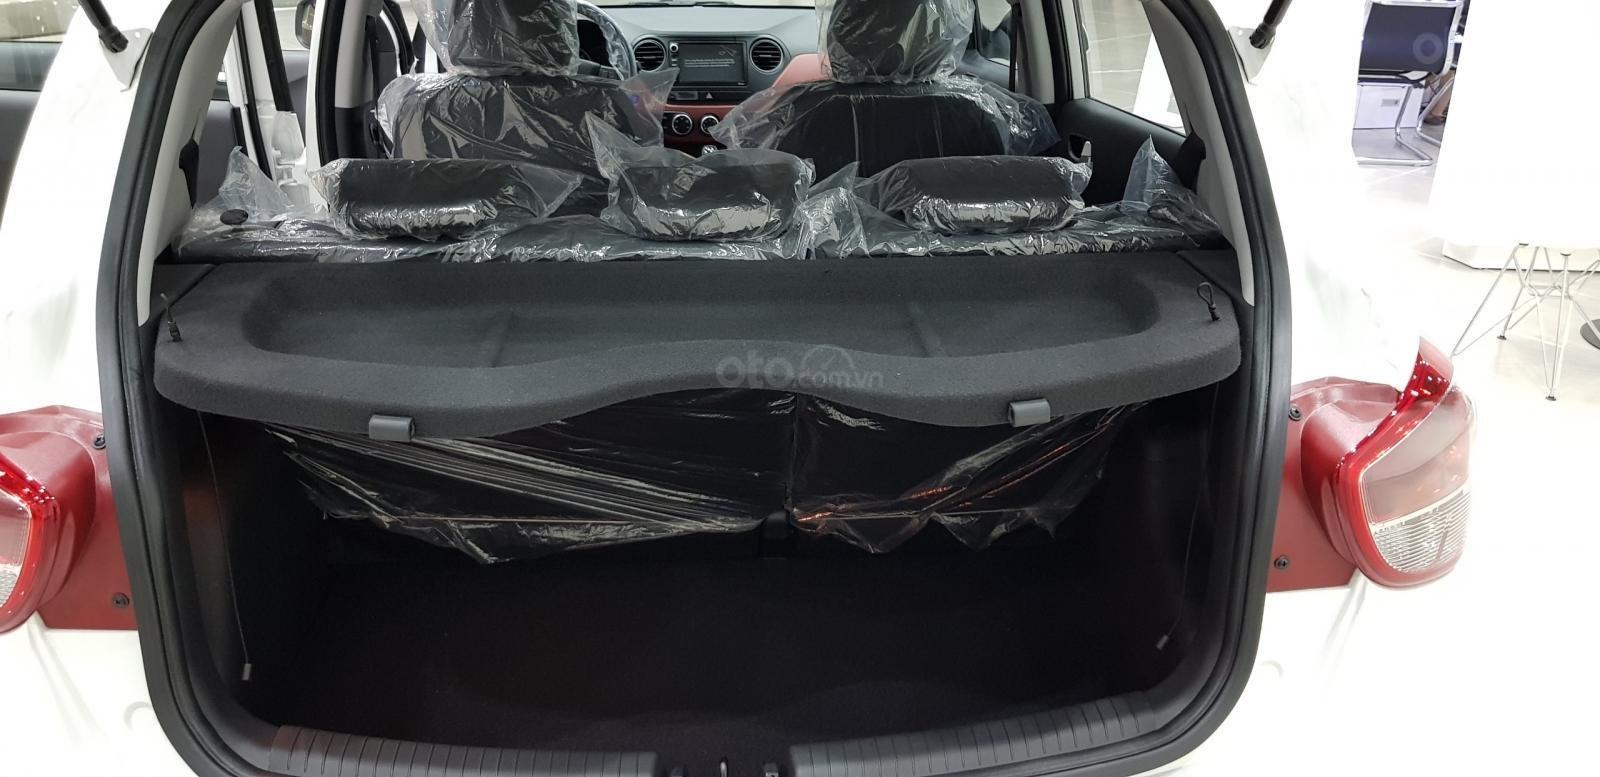 Bán Hyundai i10 hatchback, sản xuất 2019, có giao ngay, giá cạnh tranh, đủ màu, LH 0971626238 (11)